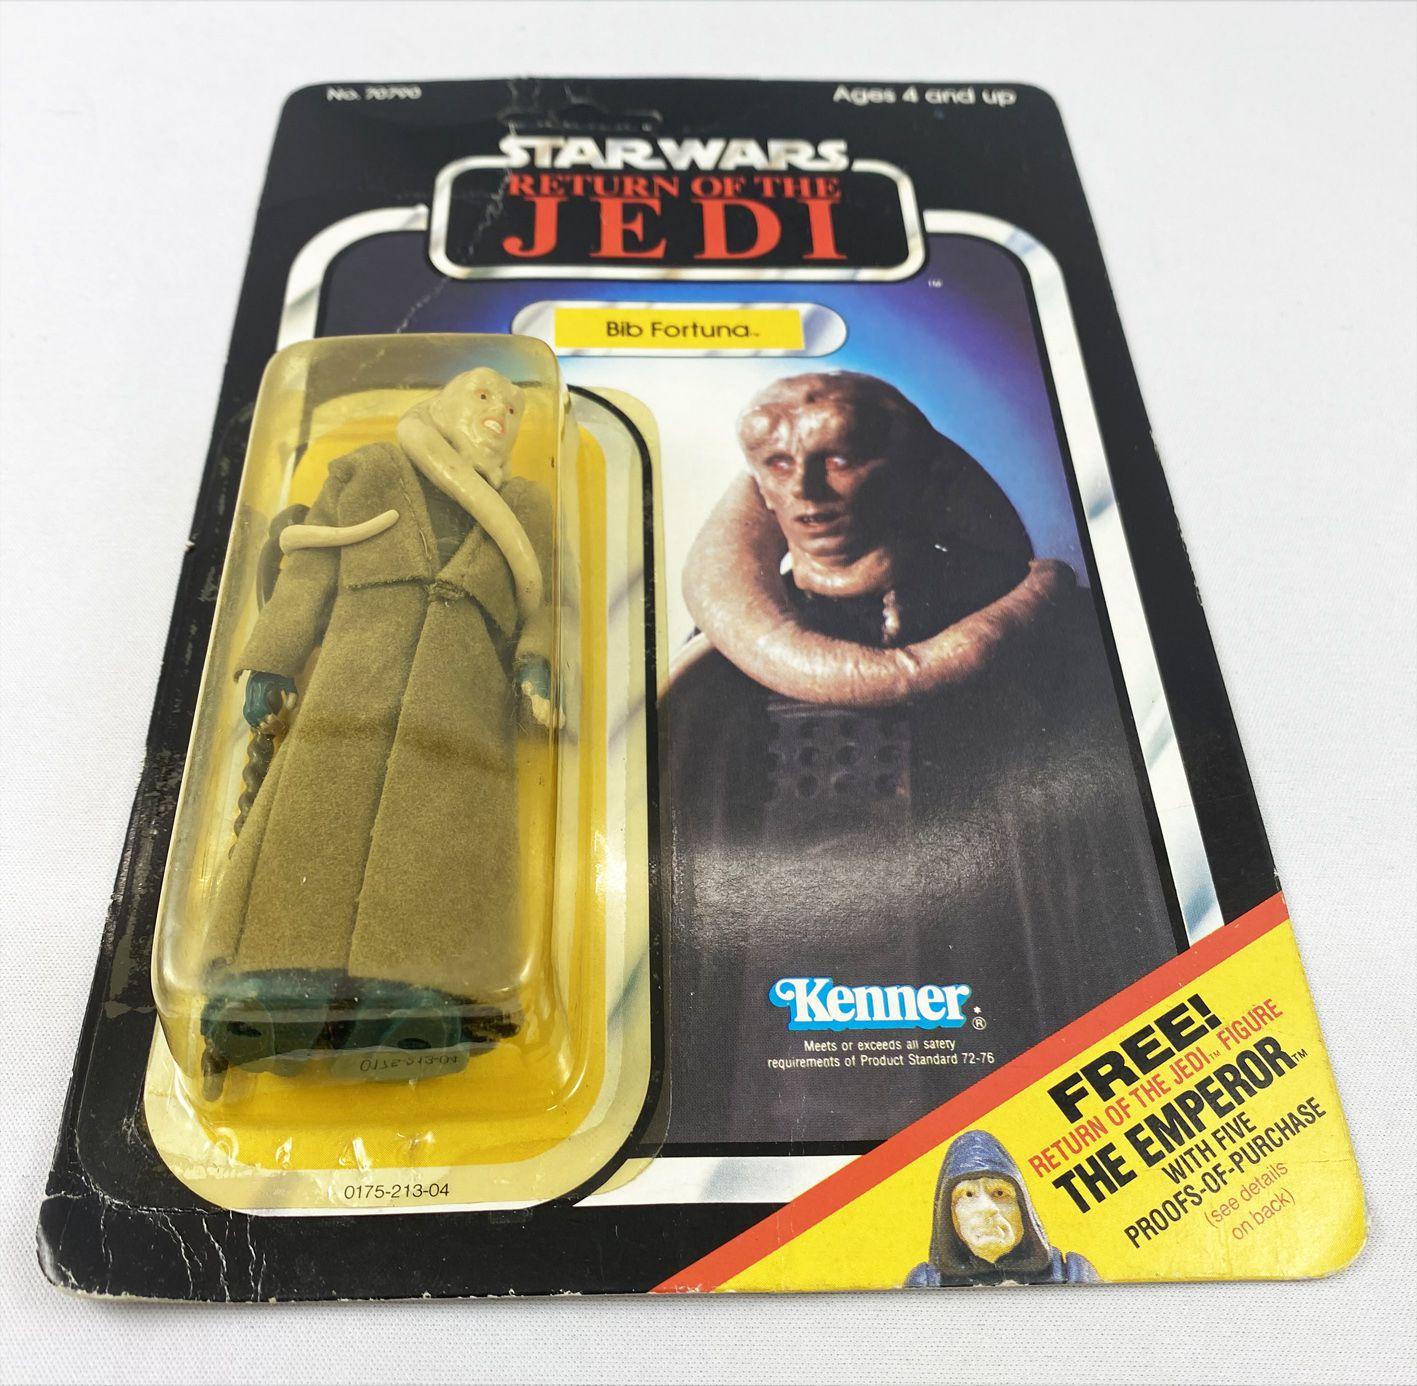 Star Wars ROTJ 1983 - Kenner 65back C - Bib Fortuna